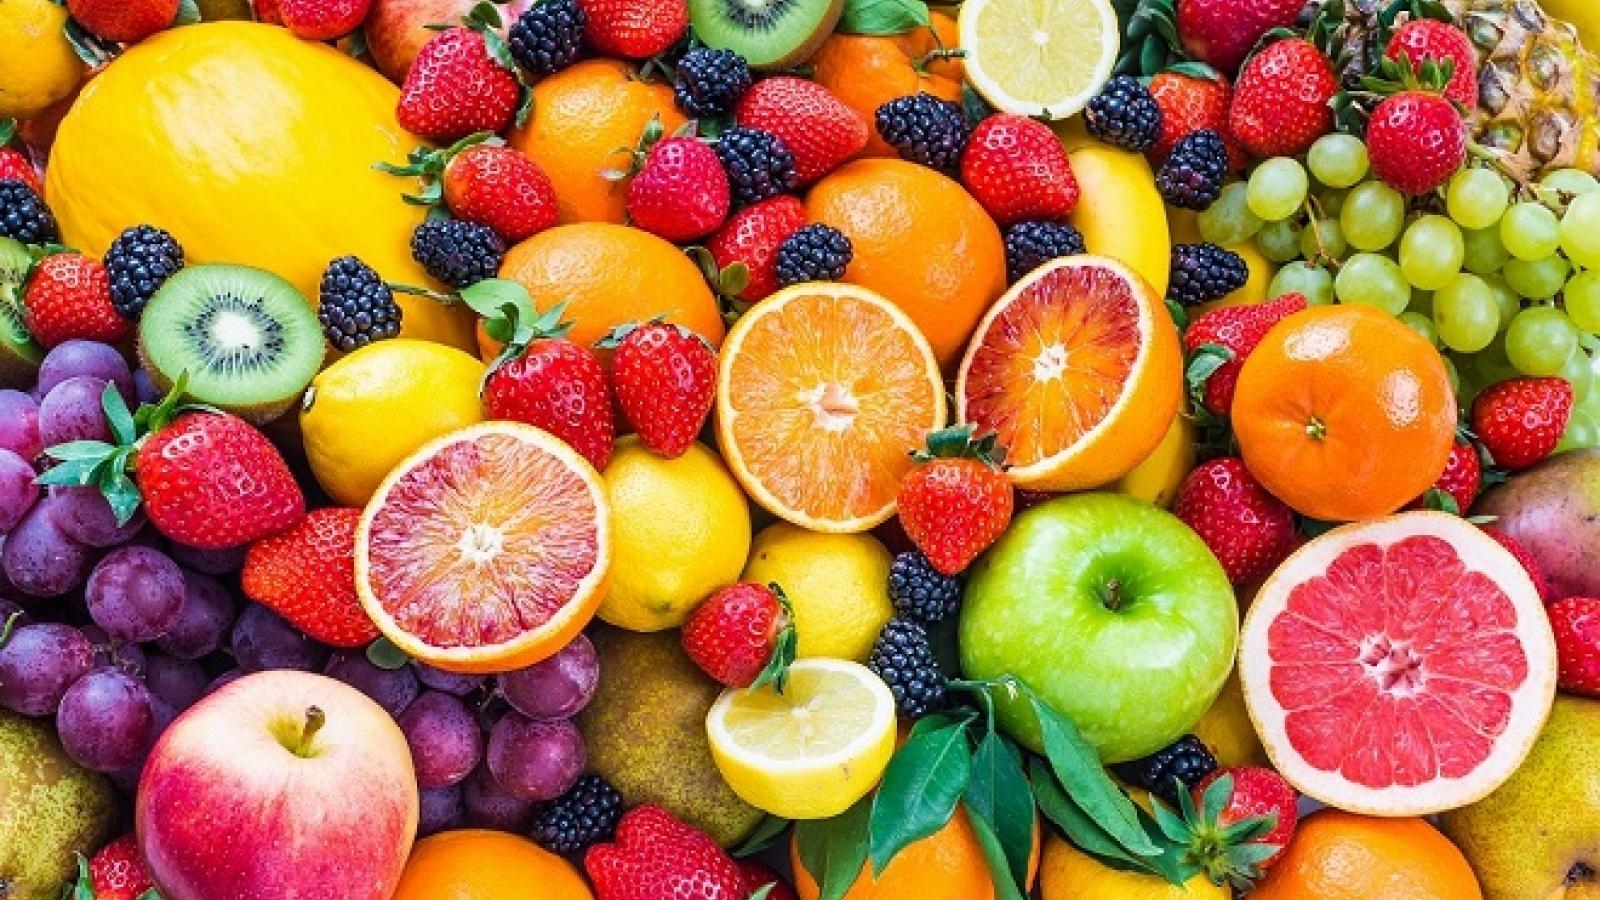 Bỏ túi bí quyết bổ trái cây vừa nhanh vừa đẹp mắt